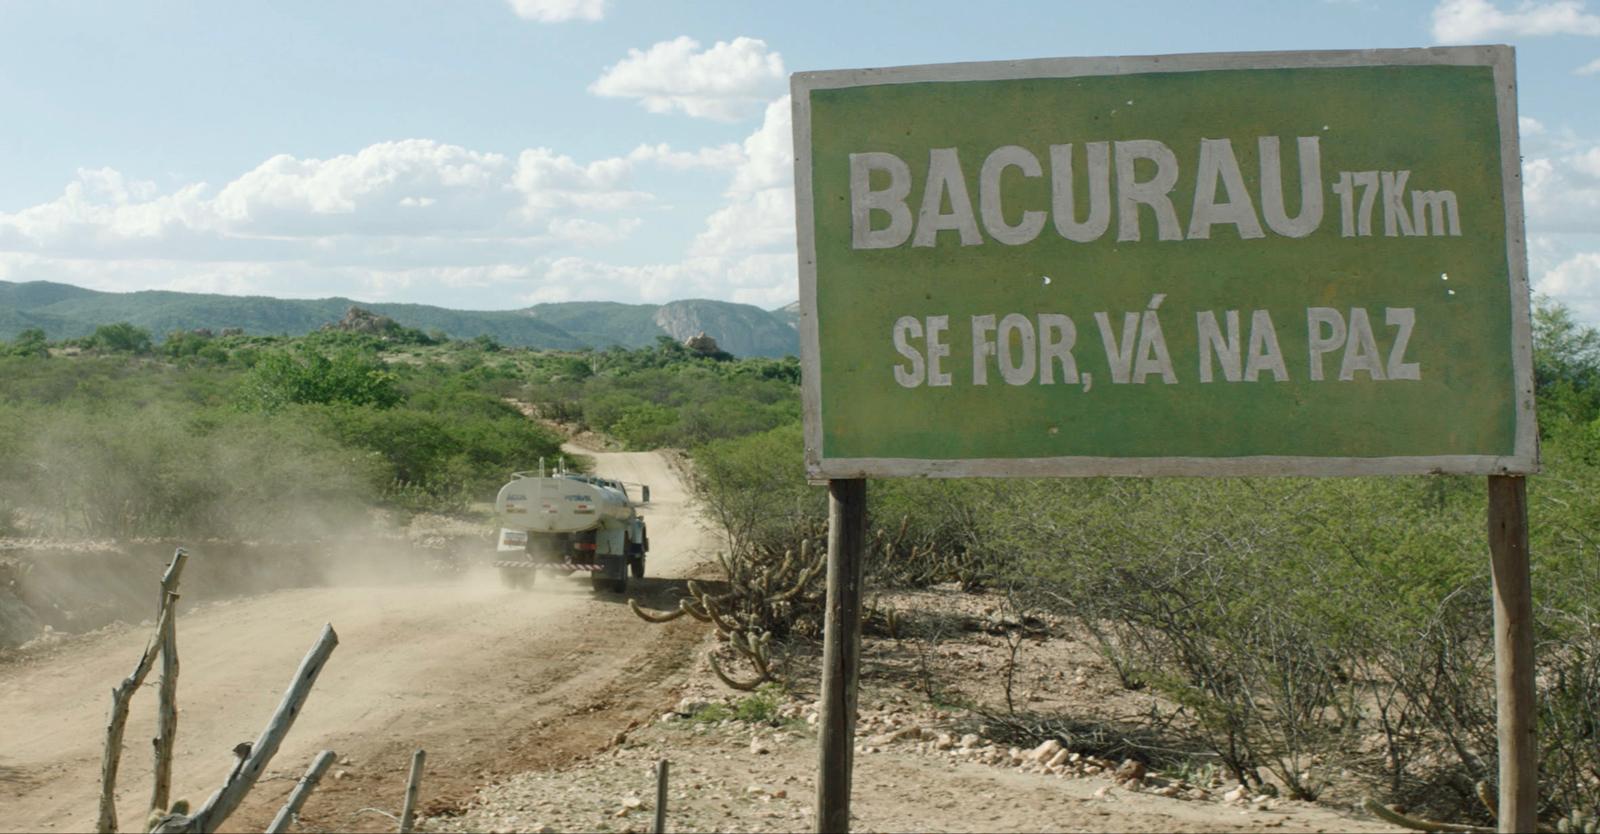 Do sertão para o mundo: Bacurau faz nome do cinema brasileiro